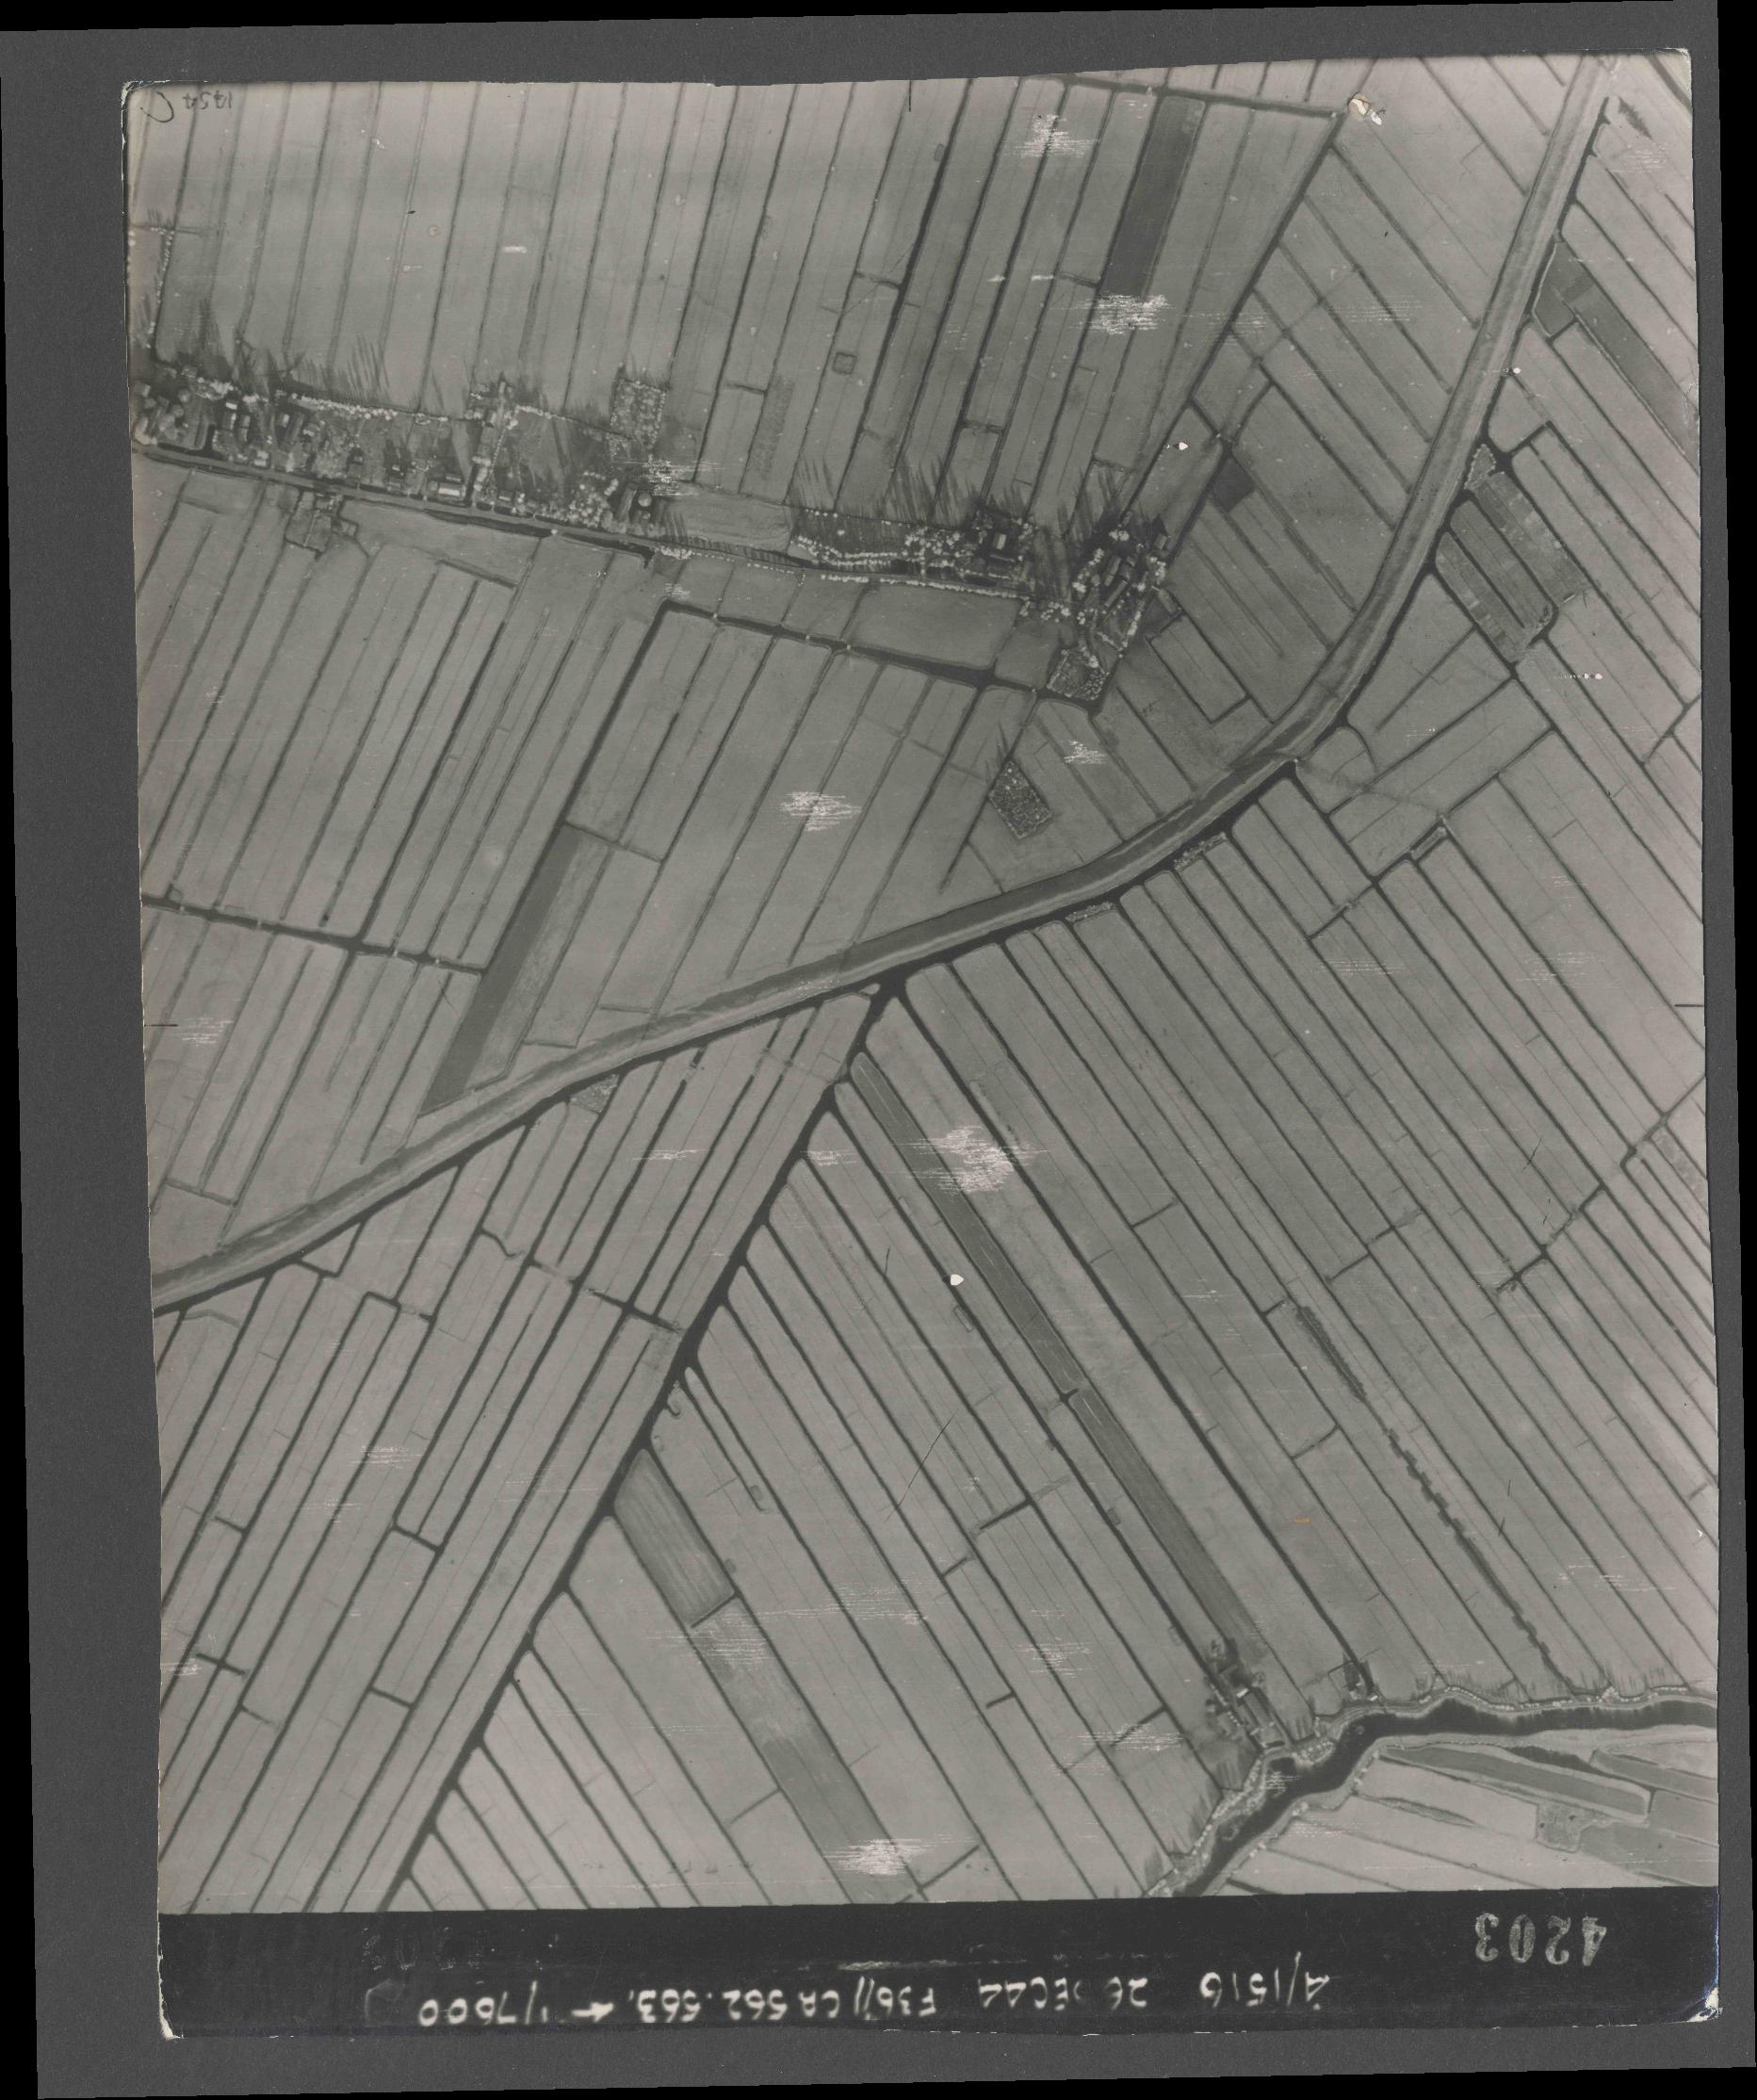 Collection RAF aerial photos 1940-1945 - flight 152, run 06, photo 4203